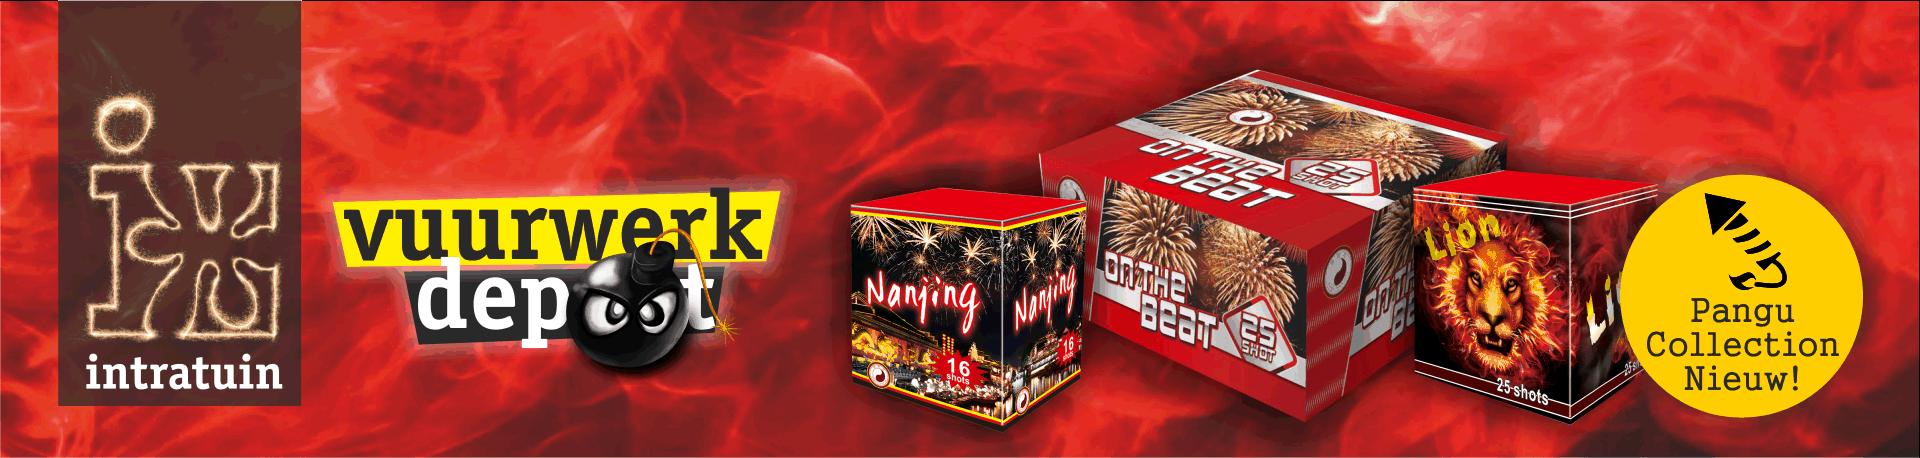 Vuurwerk kopen bestellen bij vuurwerkdepot intratuin for Intratuin cruquius